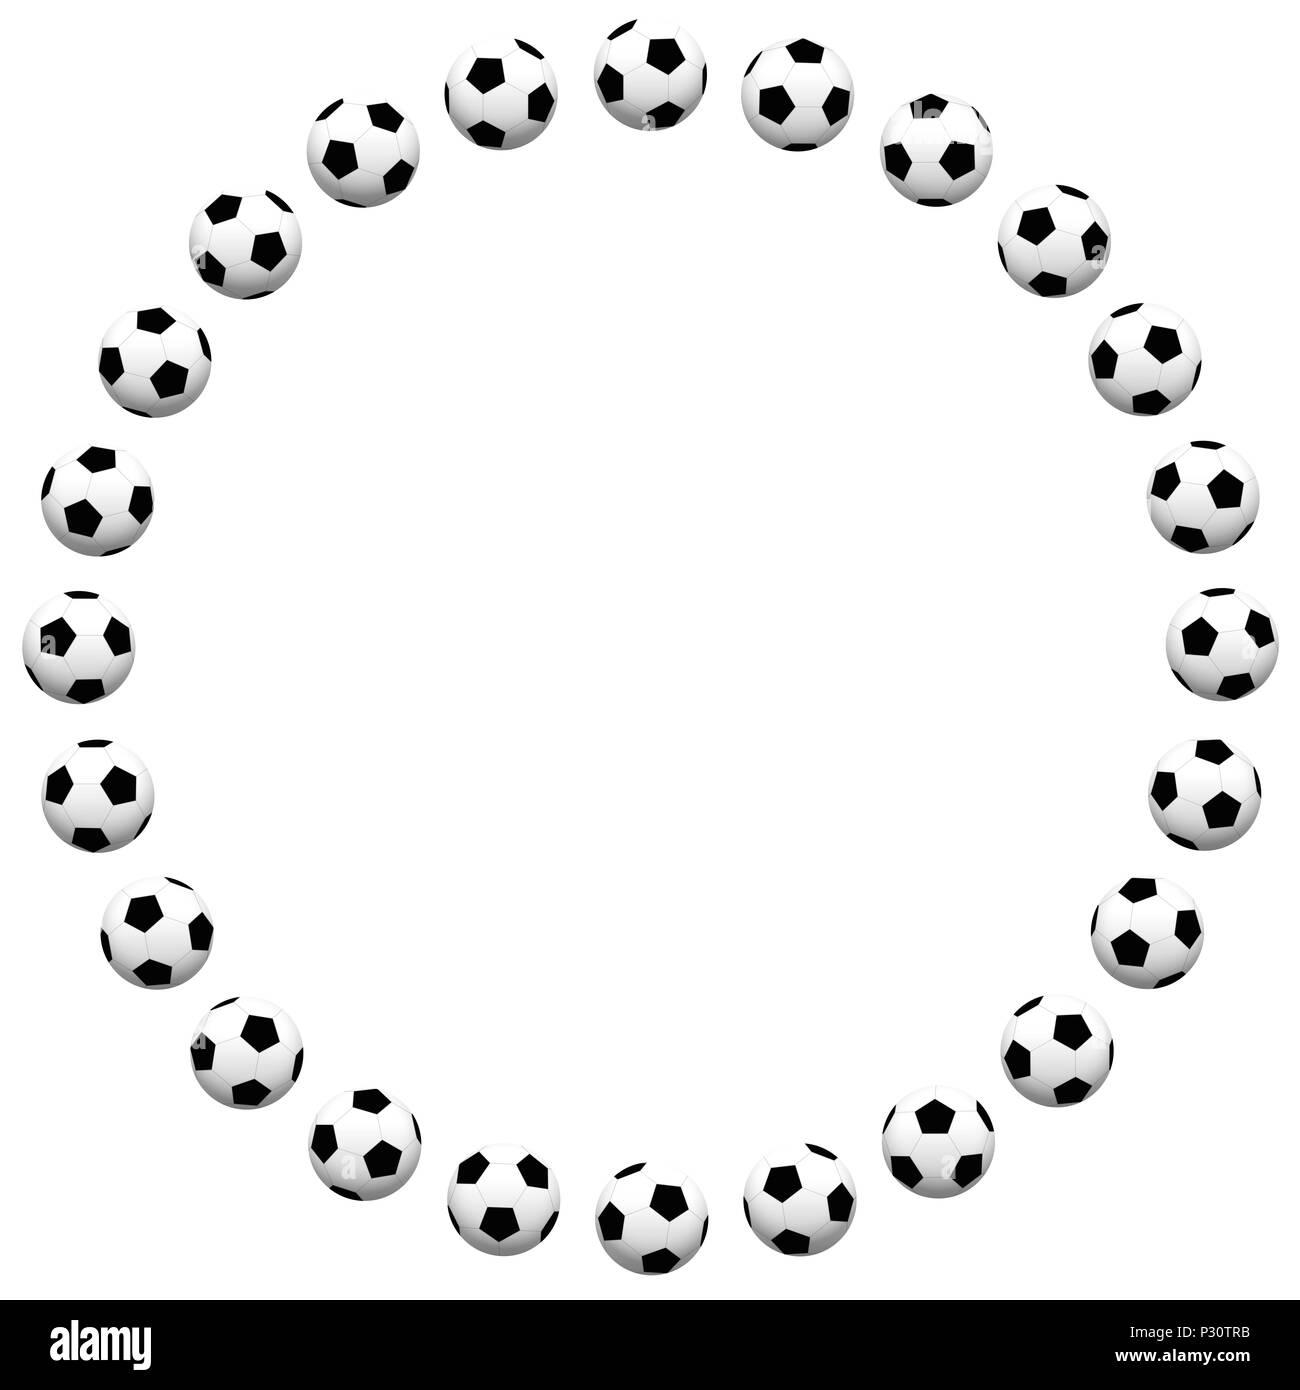 Round soccer ball frame - illustration on white background Stock ...